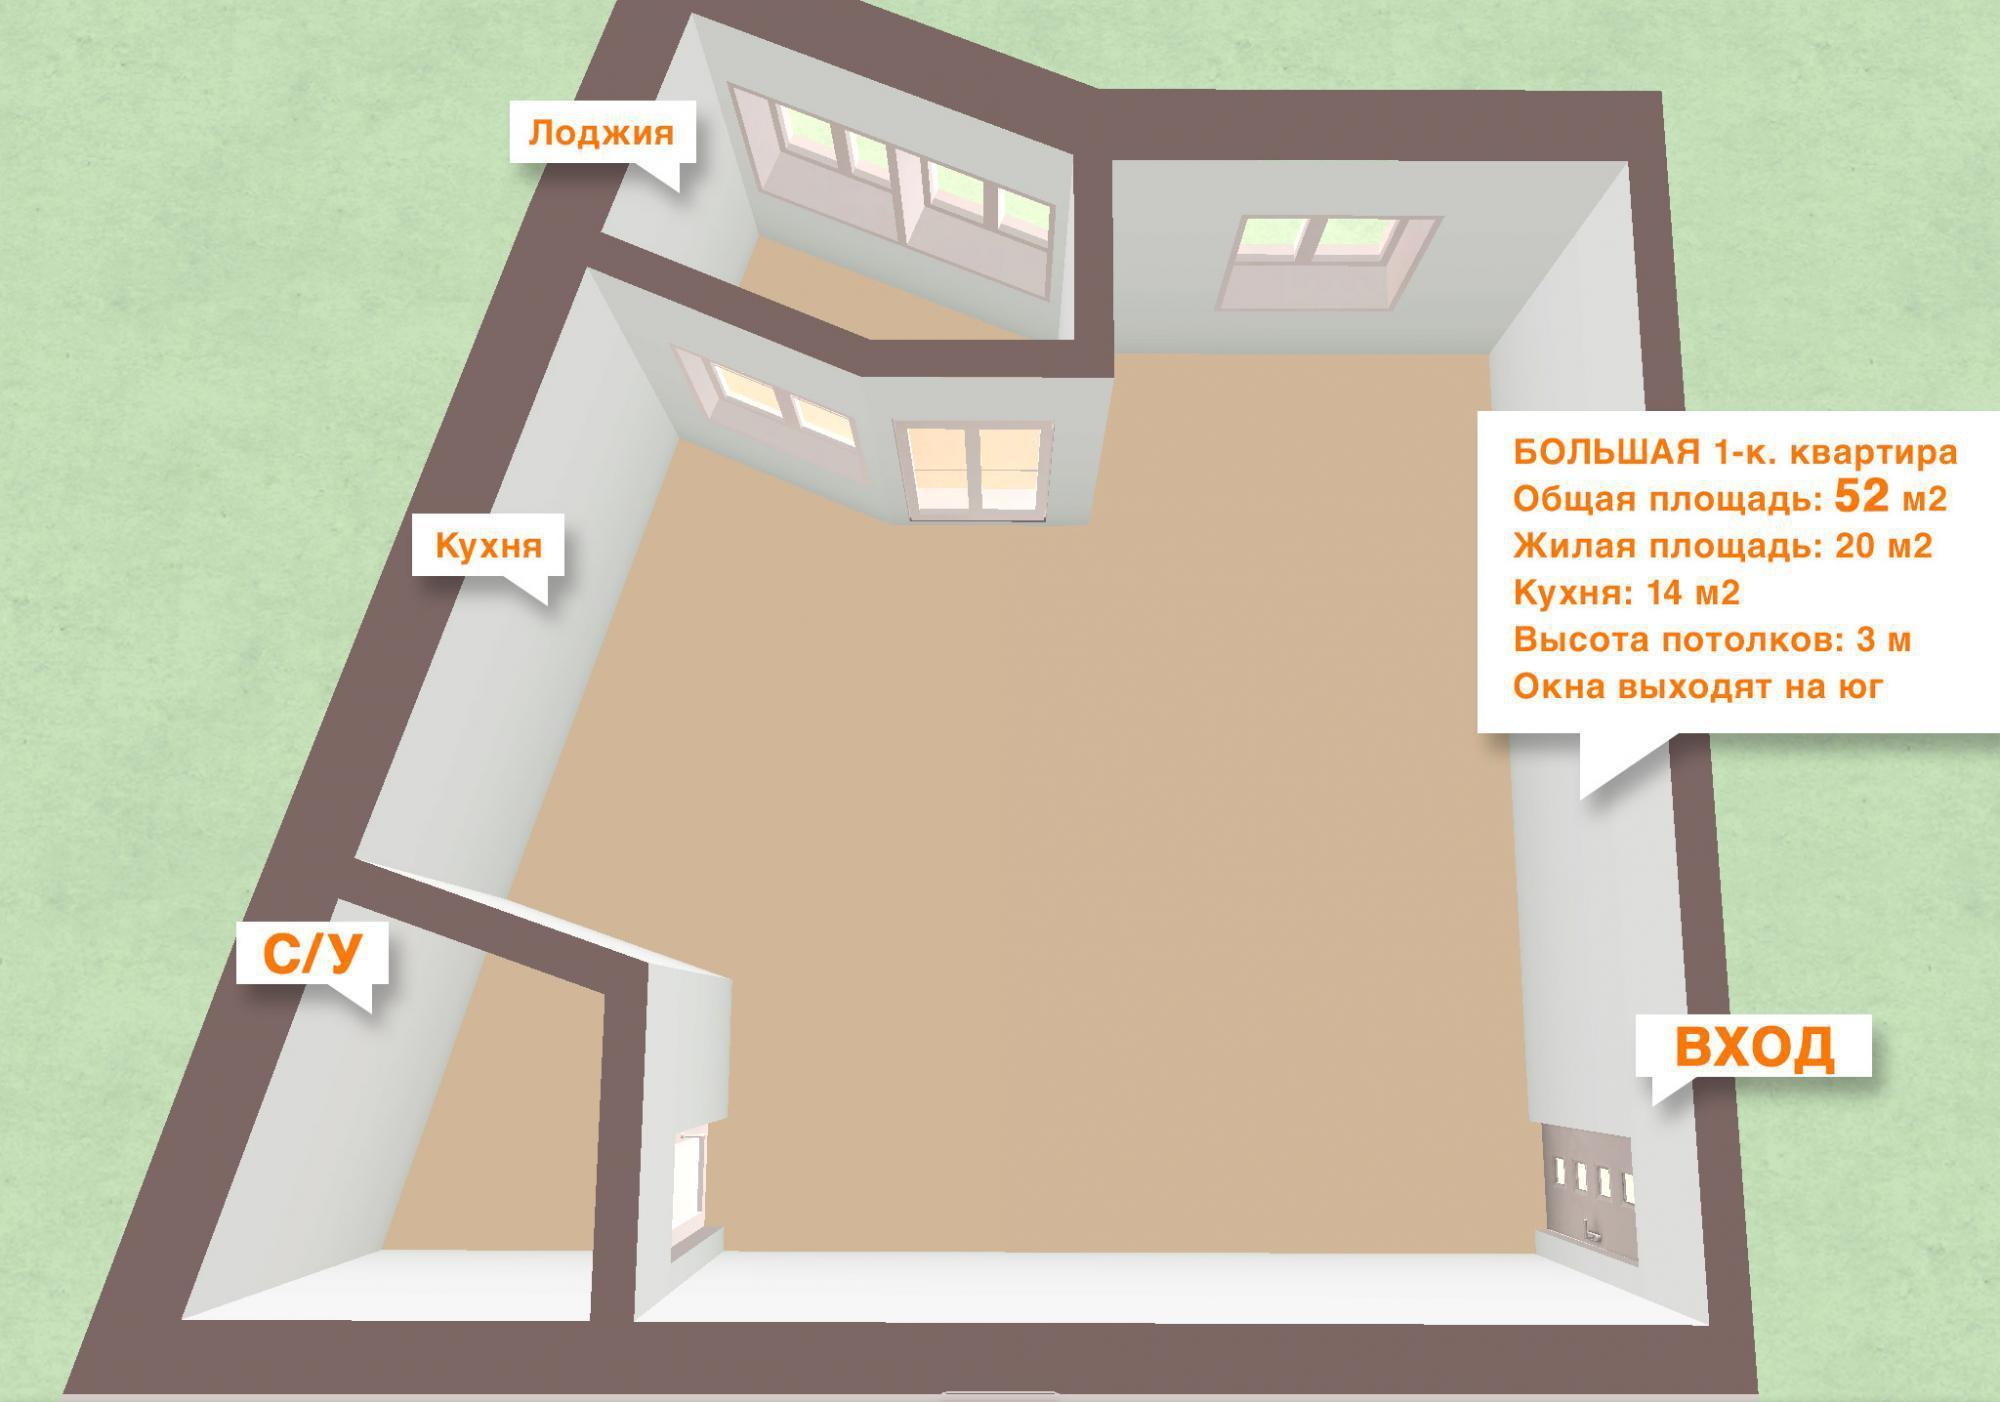 Предлагается 1-комнатная квартира по адресу николо-хованская.